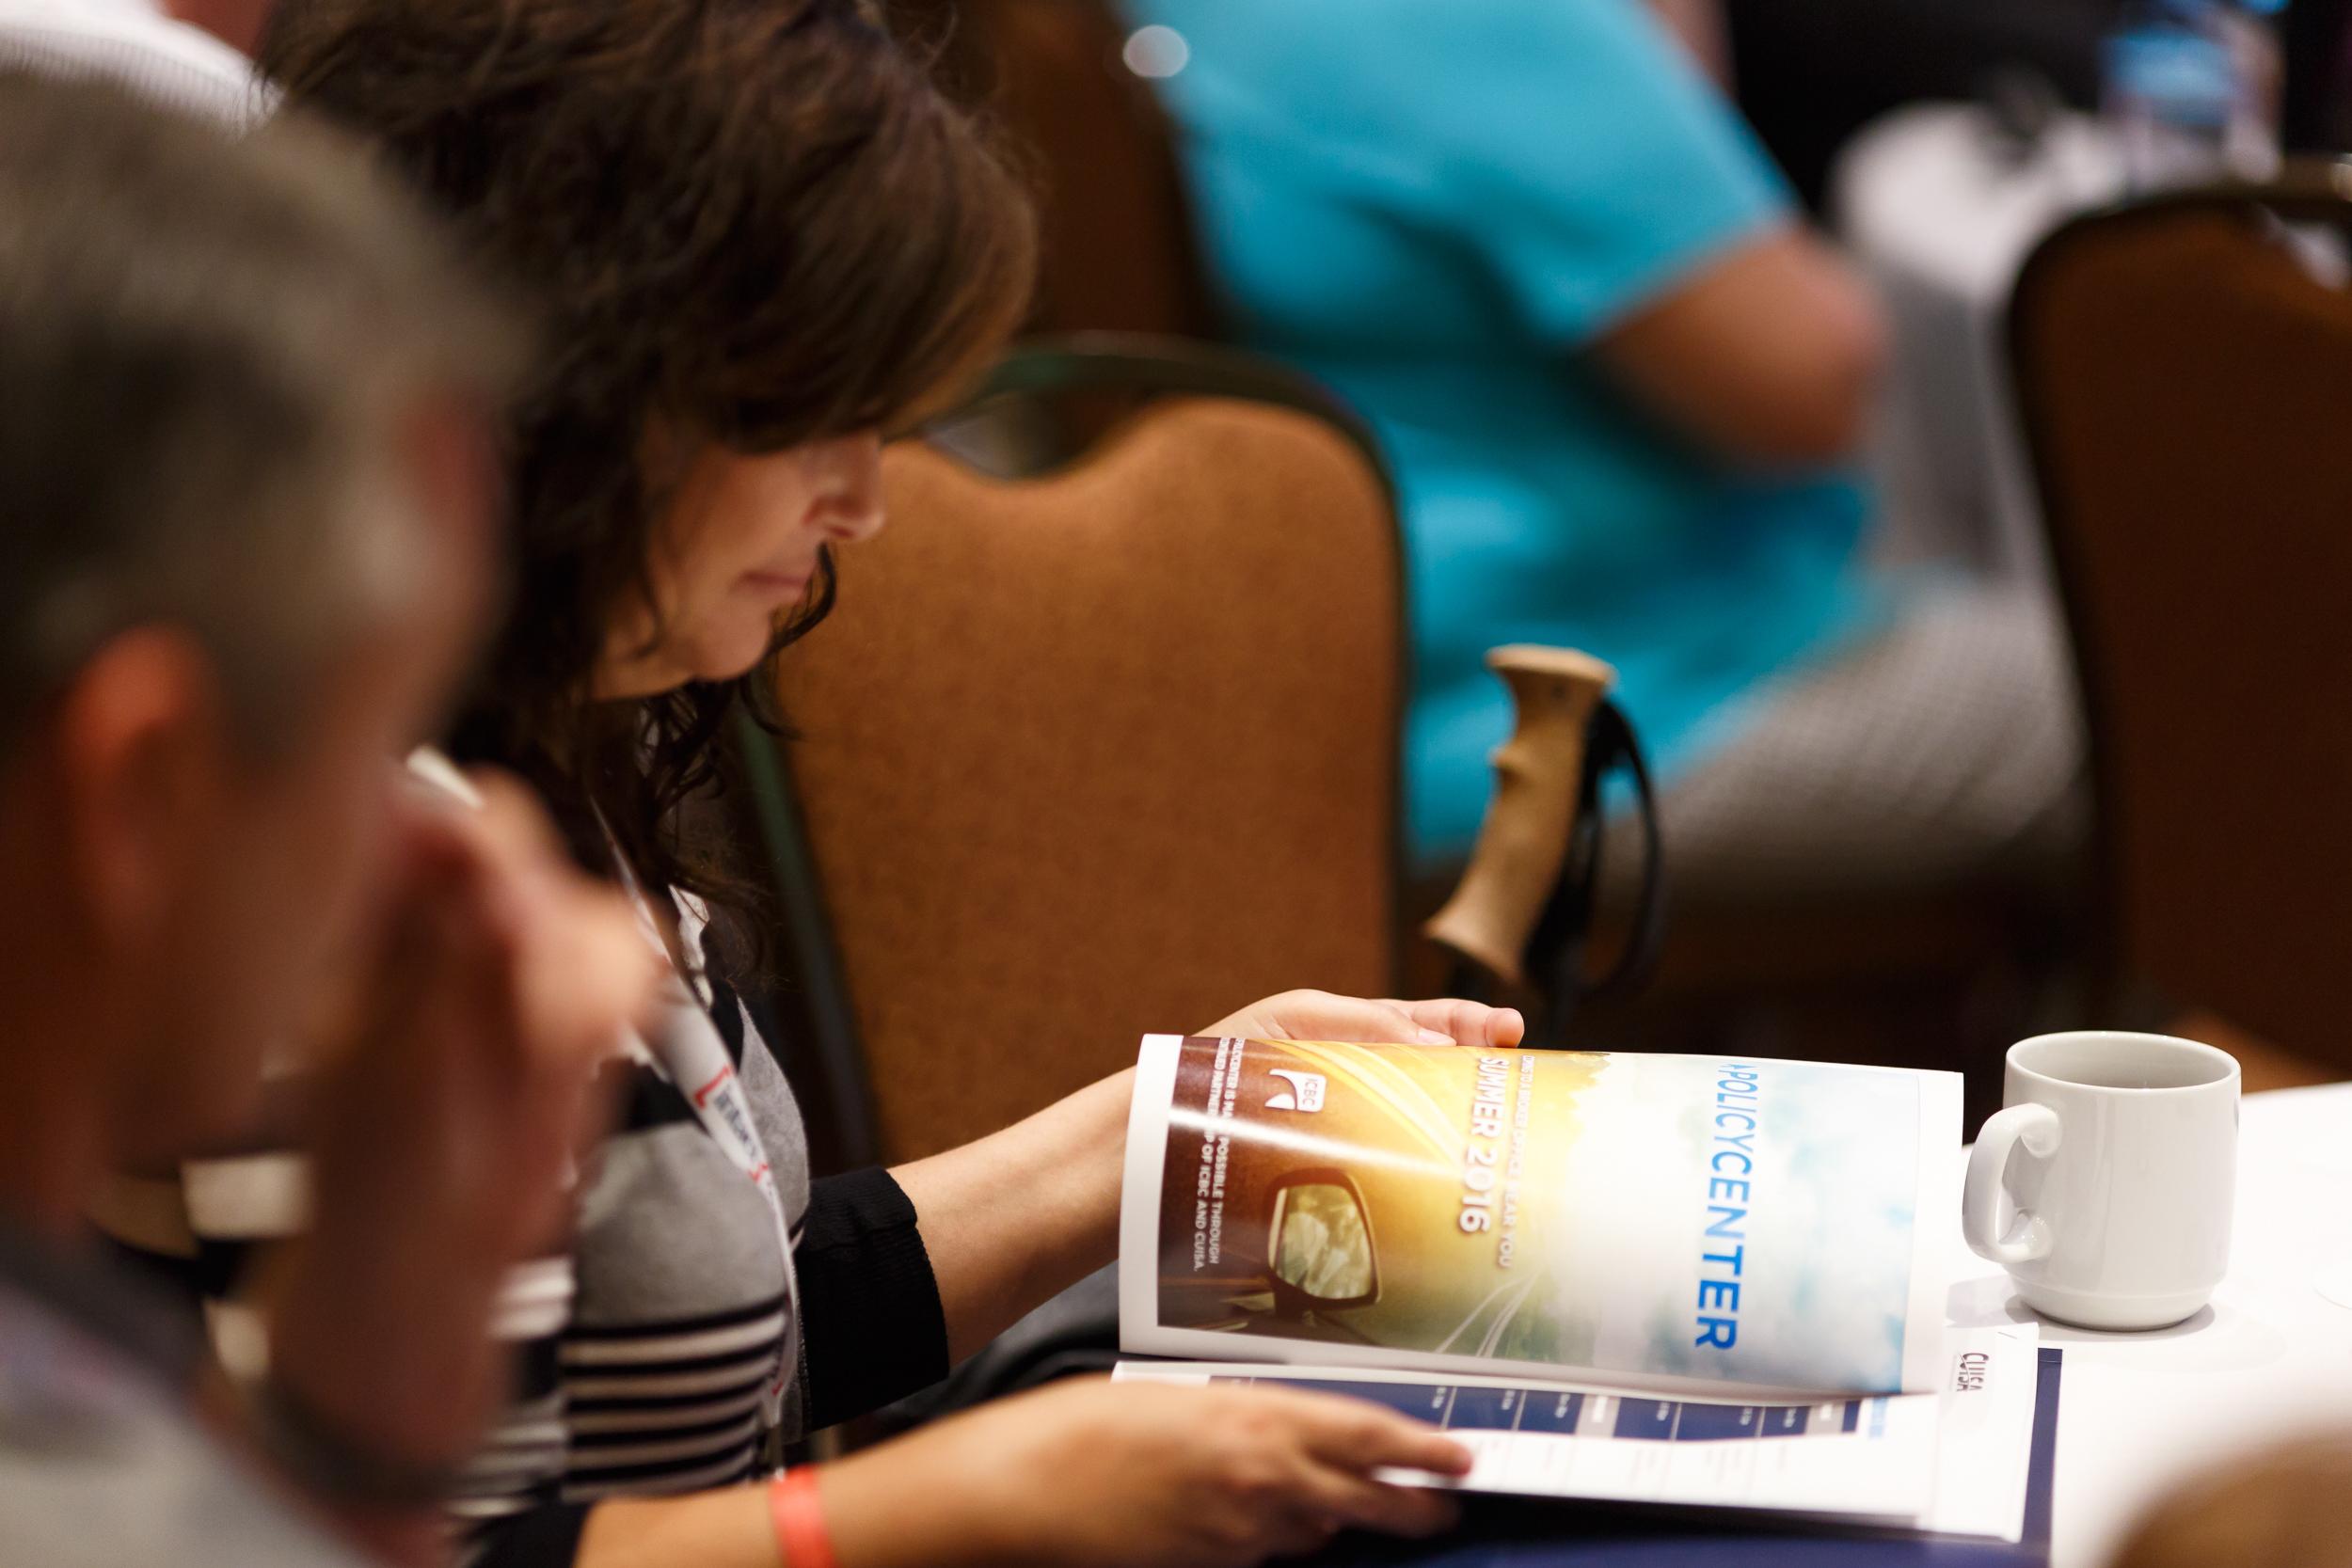 CUISA-conference-Kelowna-image13.jpg